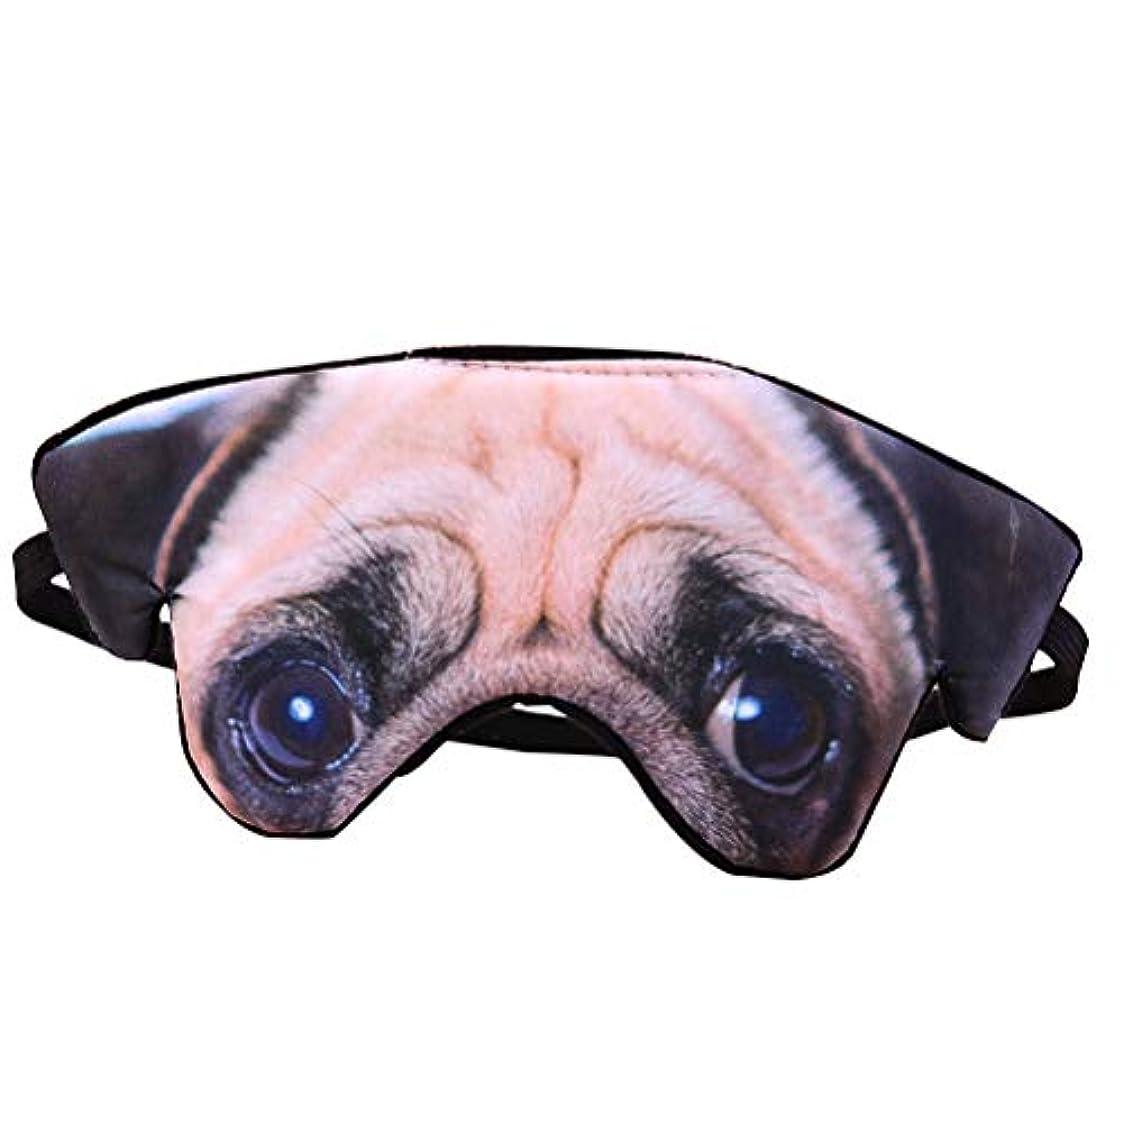 無条件判読できない冒険Healifty 3Dアイマスクシェードナップカバー目隠しレストエイド疲労アイパッドスリープゴーグル(Pug)